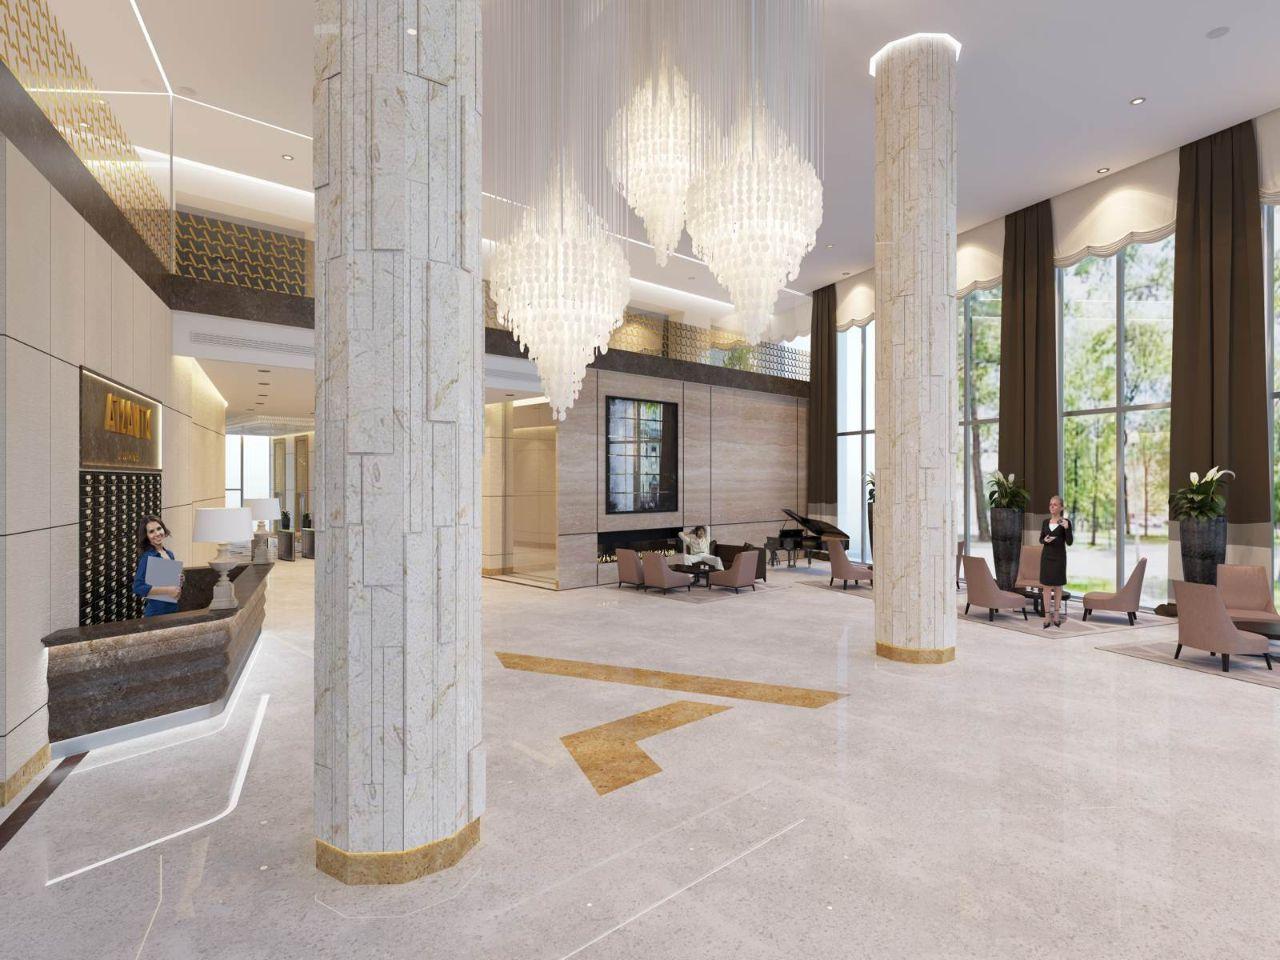 продажа квартир Atlantic Apartments (Атлантик Апартаментс)